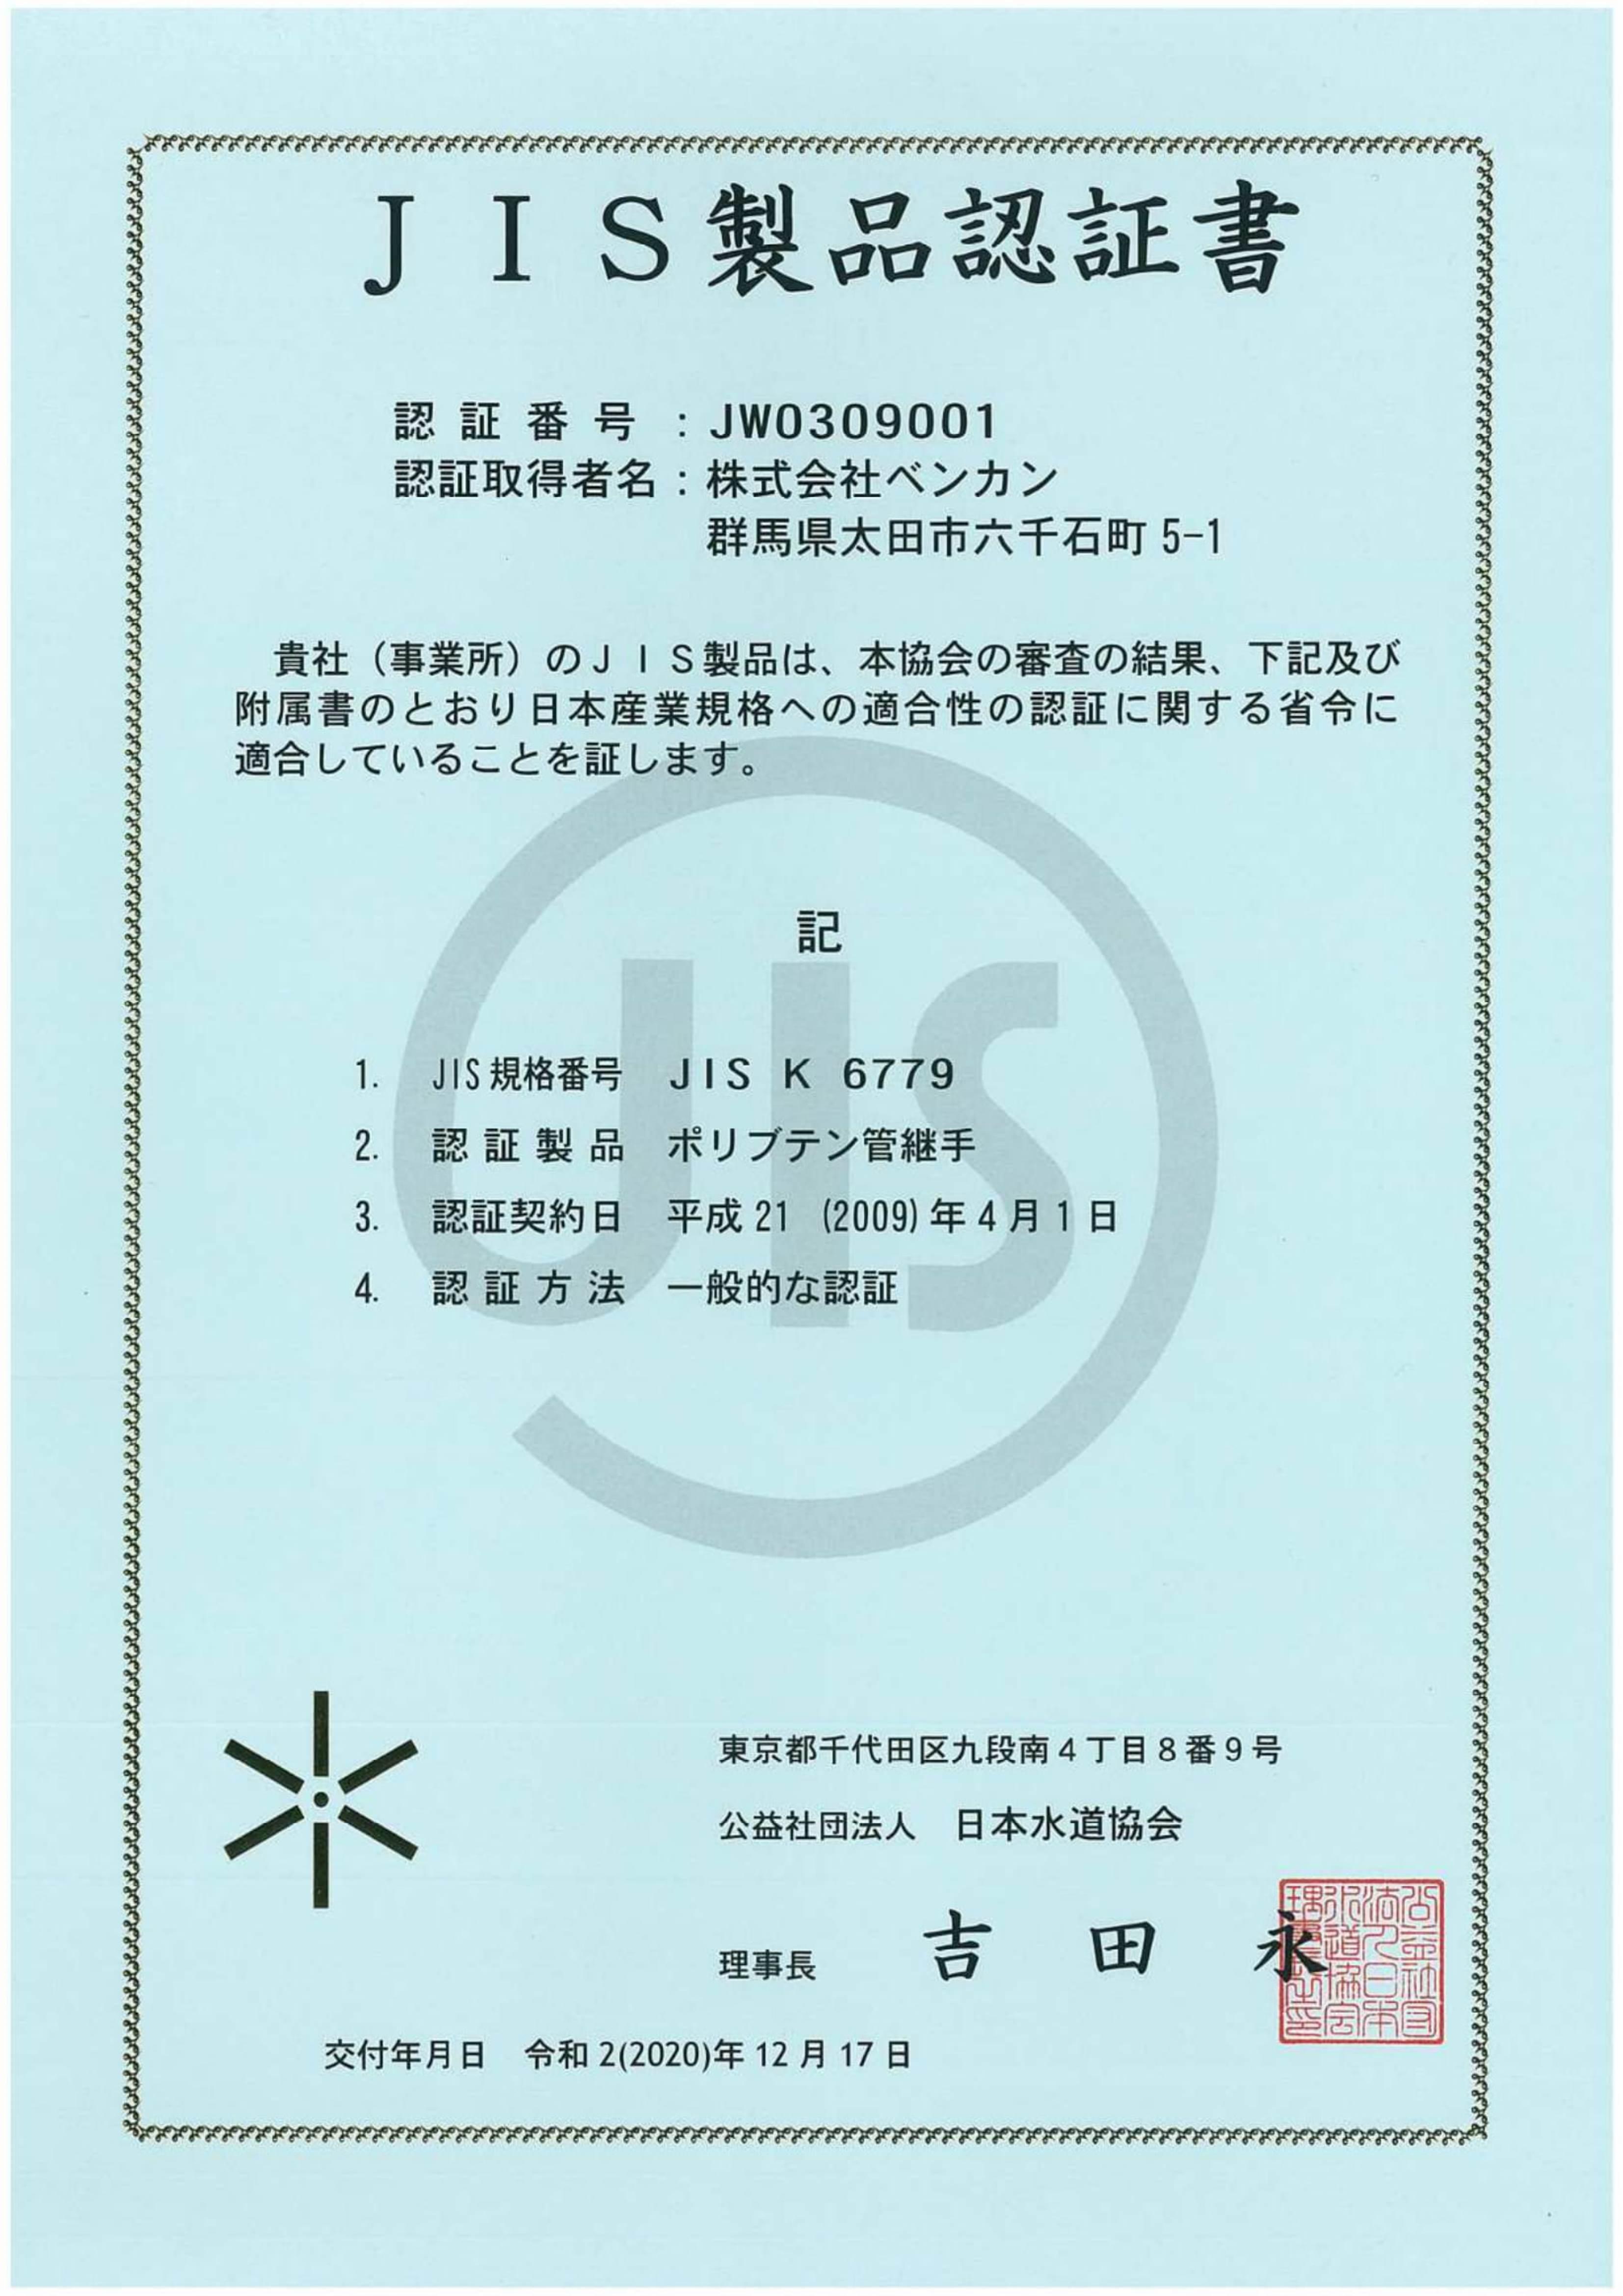 [画像]認定登録証(クリックで拡大)